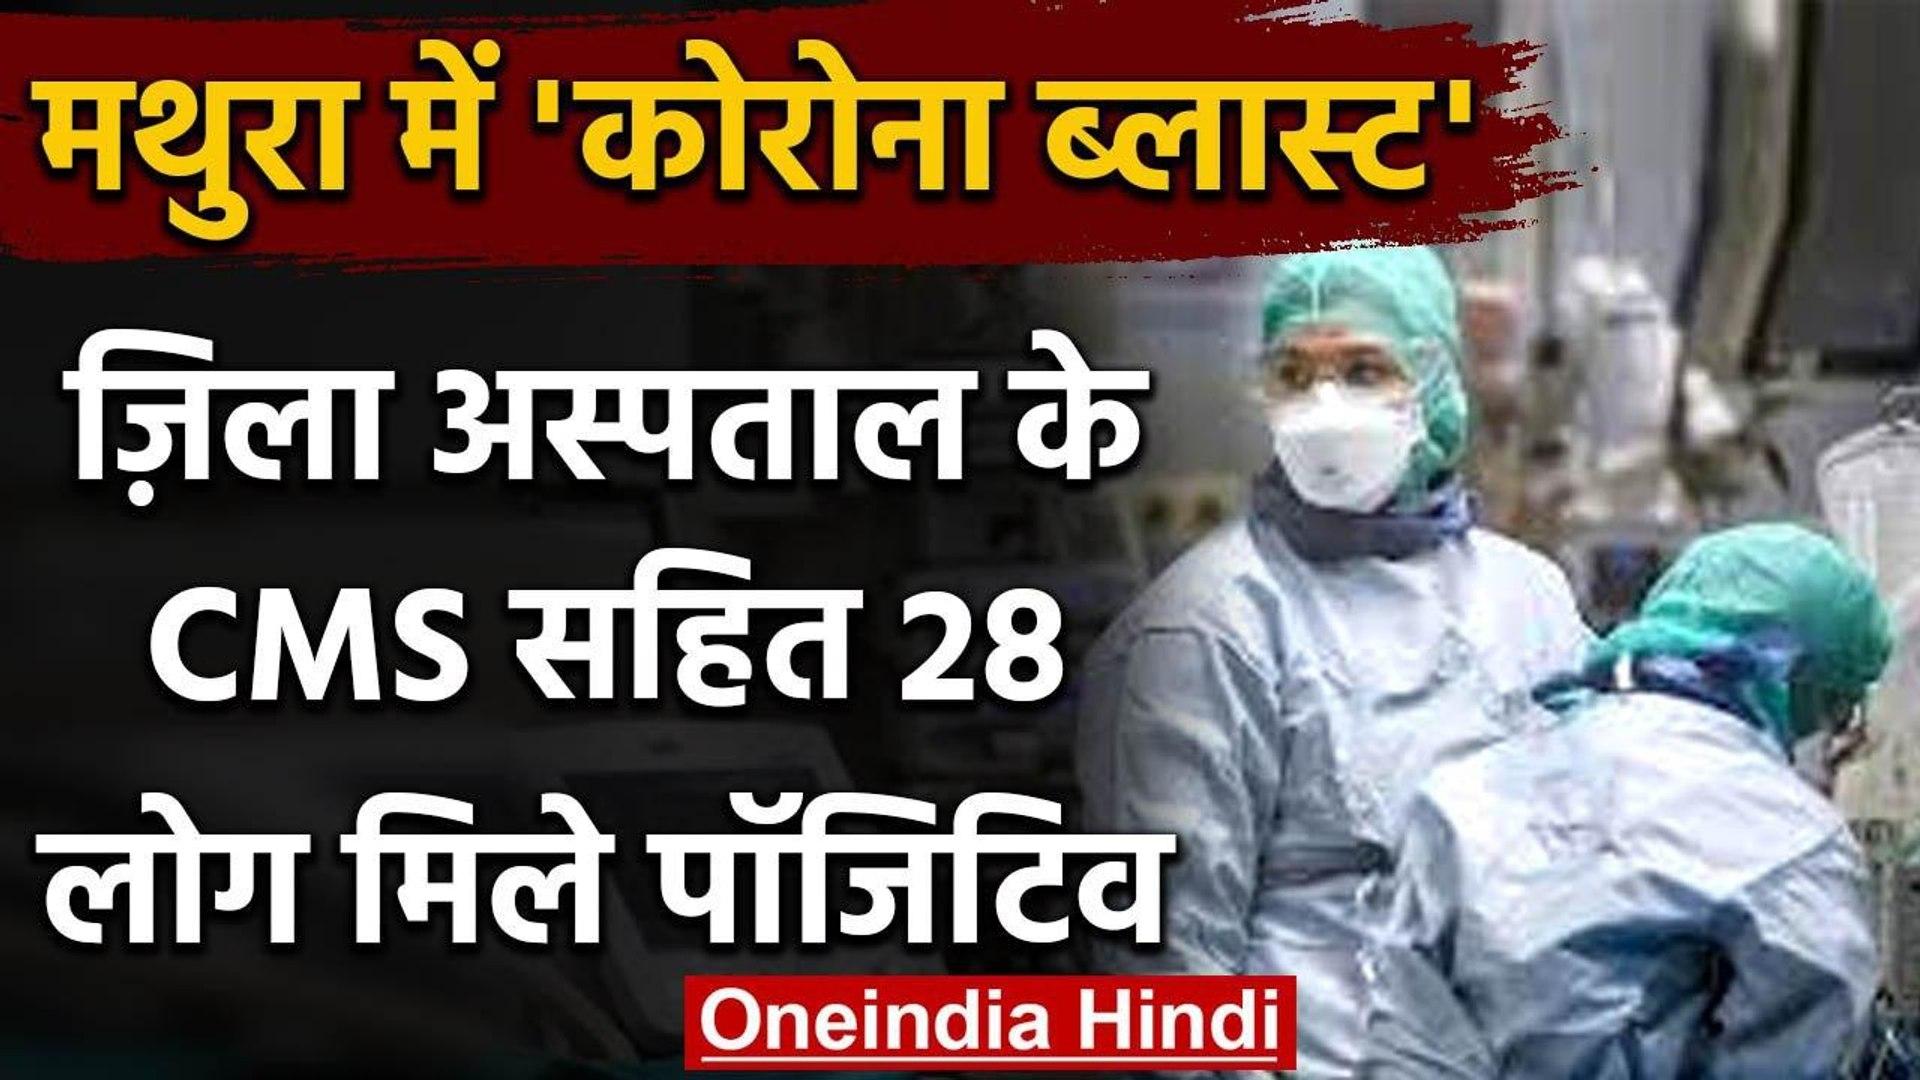 Uttar Pradesh:  Mathura जिला अस्पताल में Corona का विस्फोट, CMS सहित 28 लोग Positive| वनइंडिया हिंदी